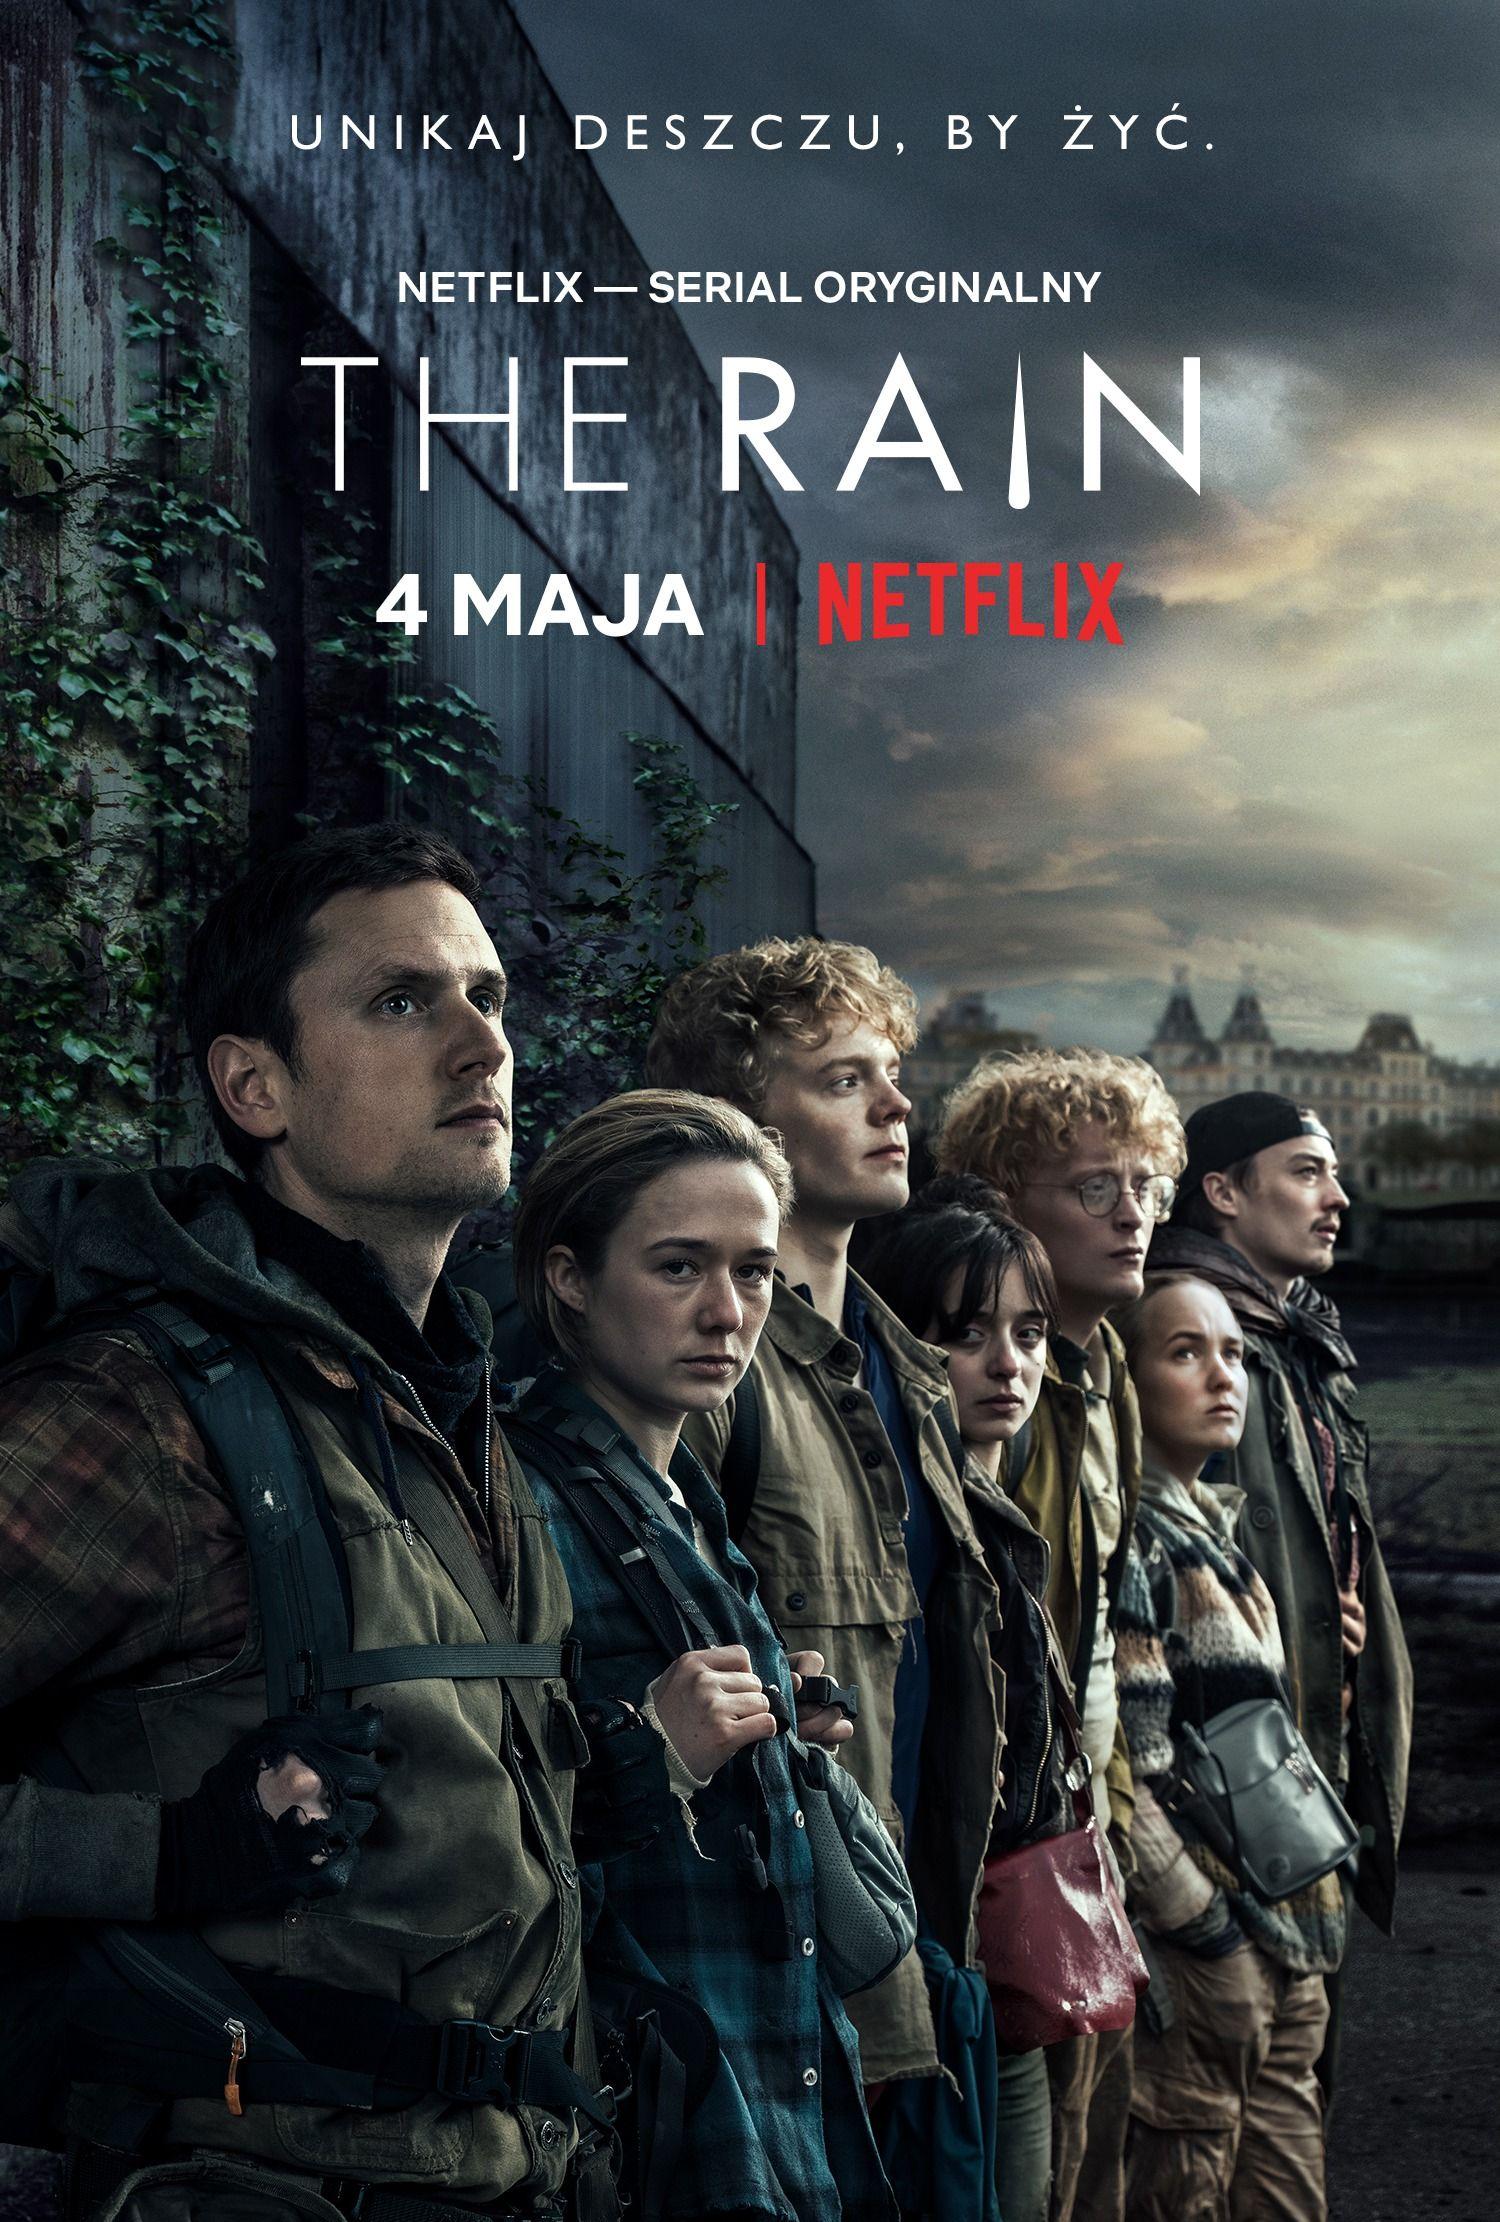 The Rain 2018 Com Imagens Filmes Netflix Netflix Filmes E Series